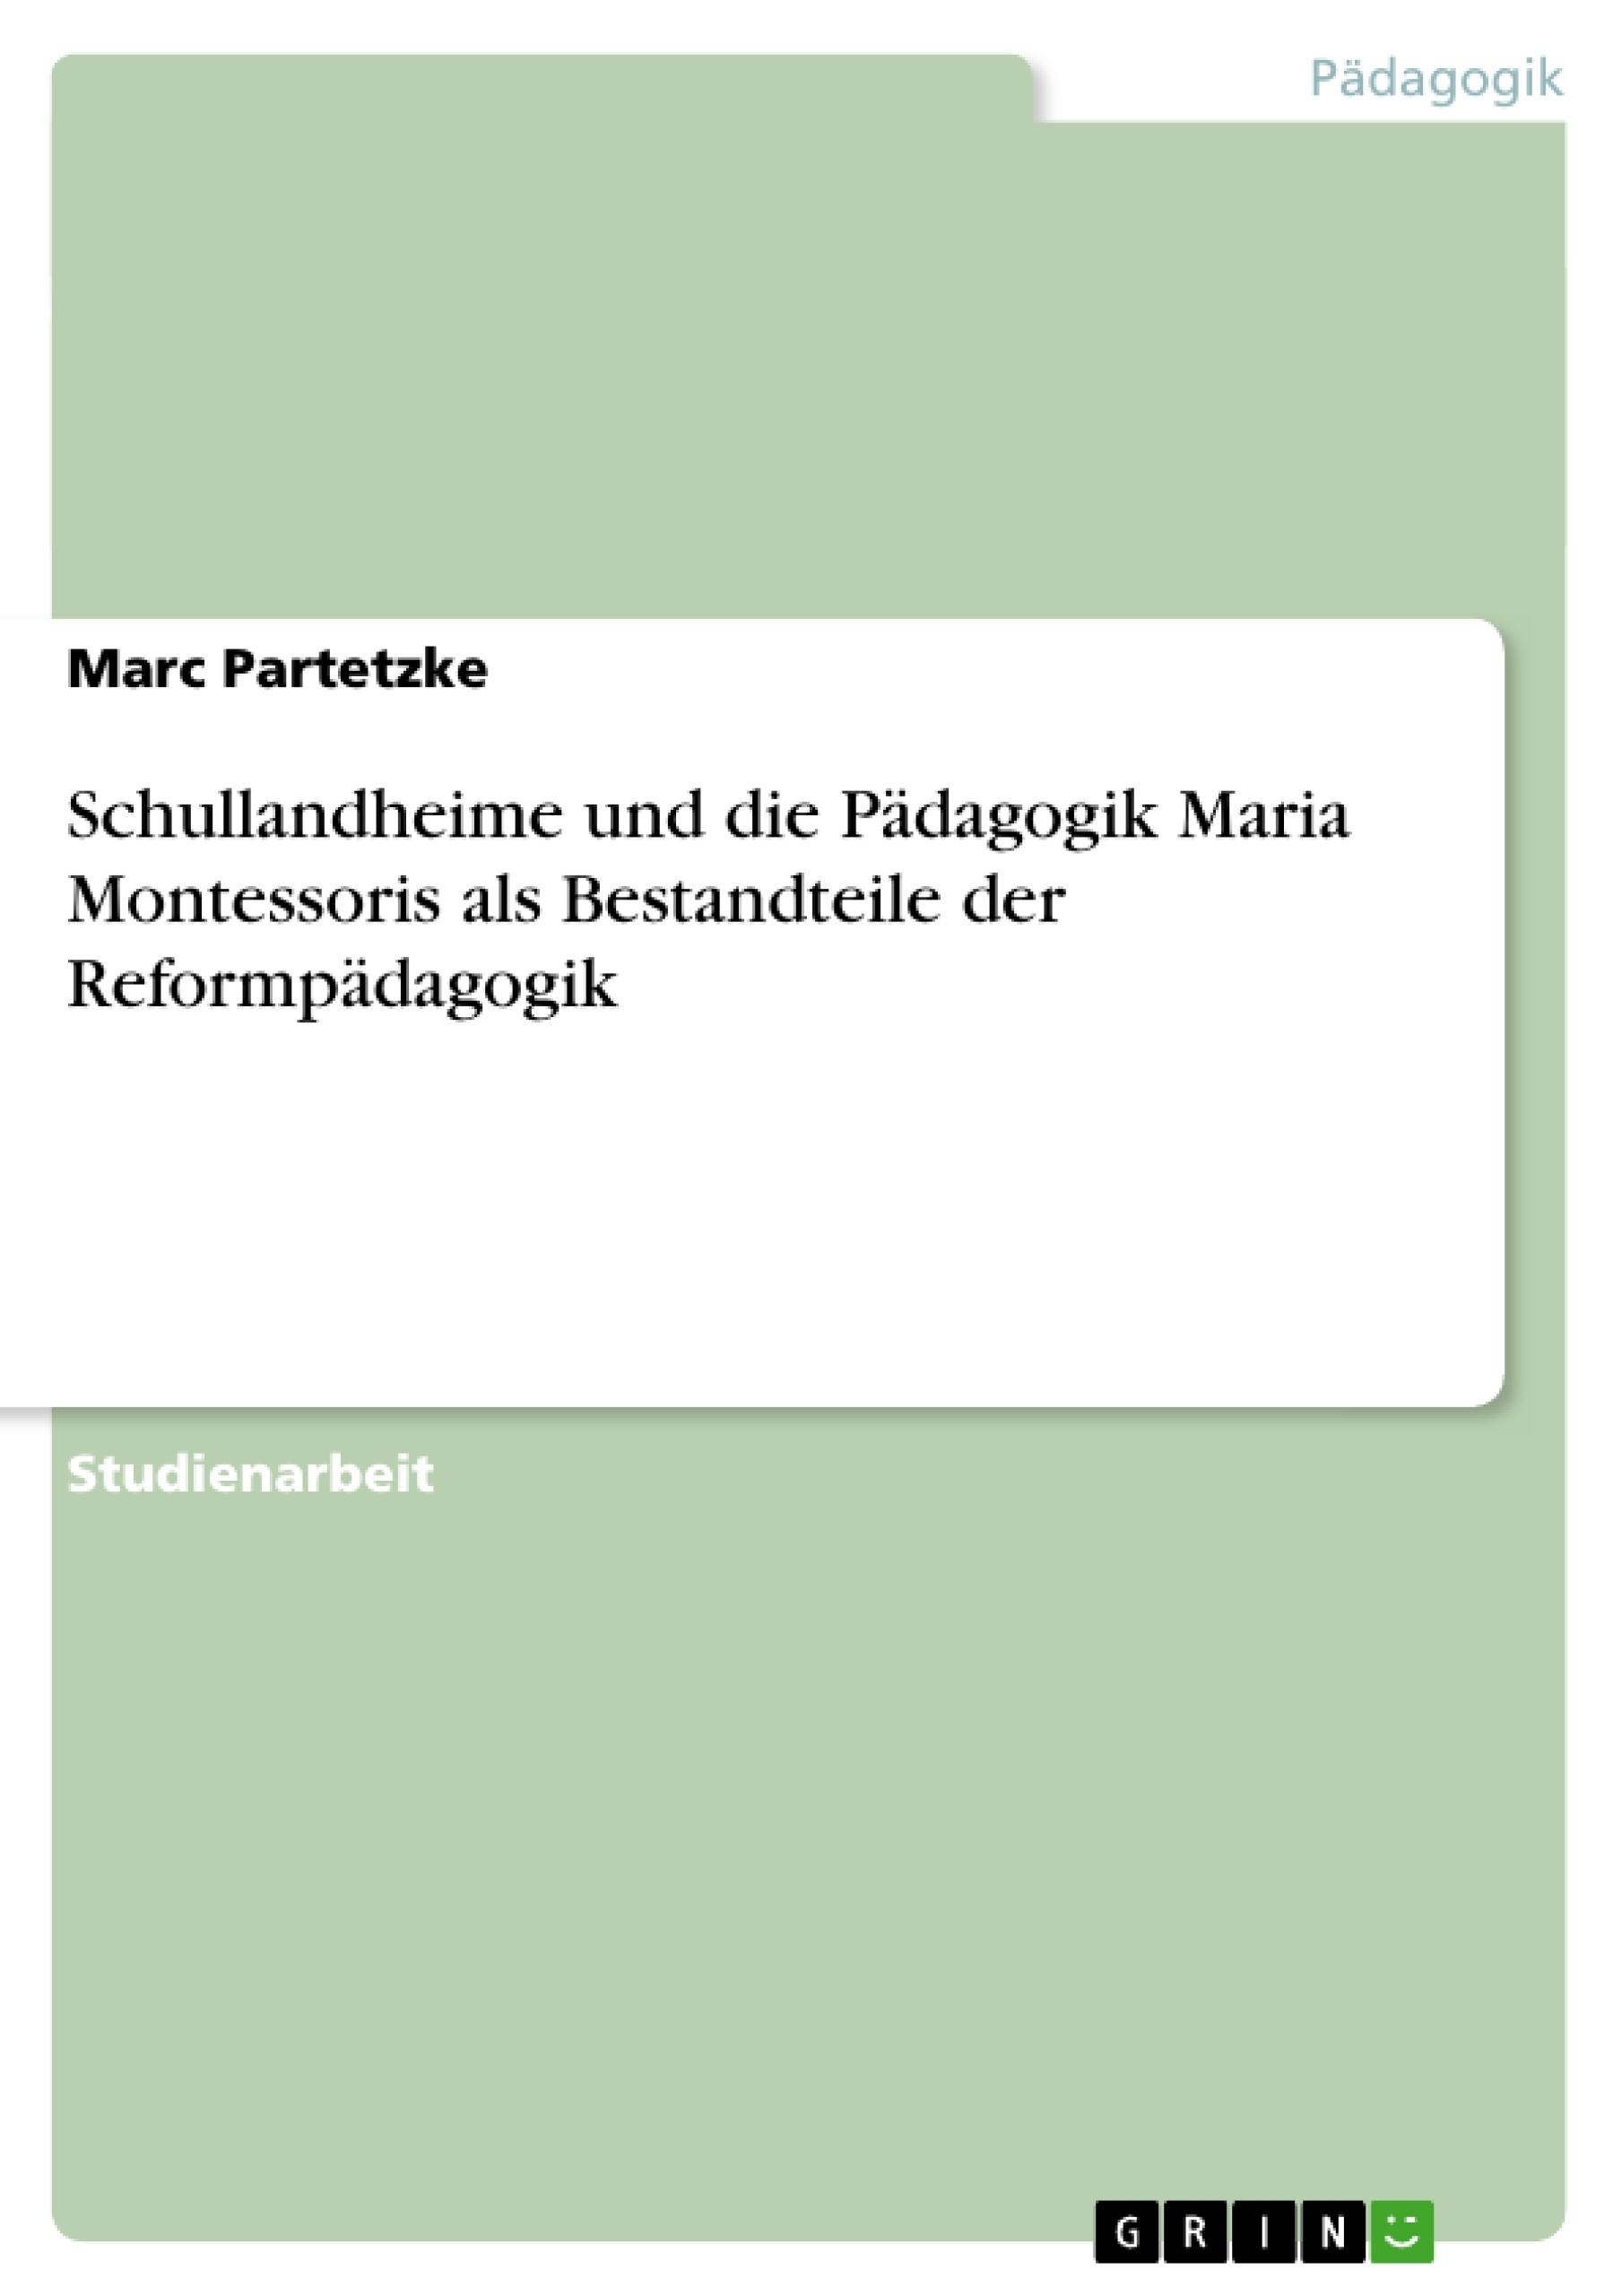 Titel: Schullandheime und die Pädagogik Maria Montessoris als Bestandteile der Reformpädagogik